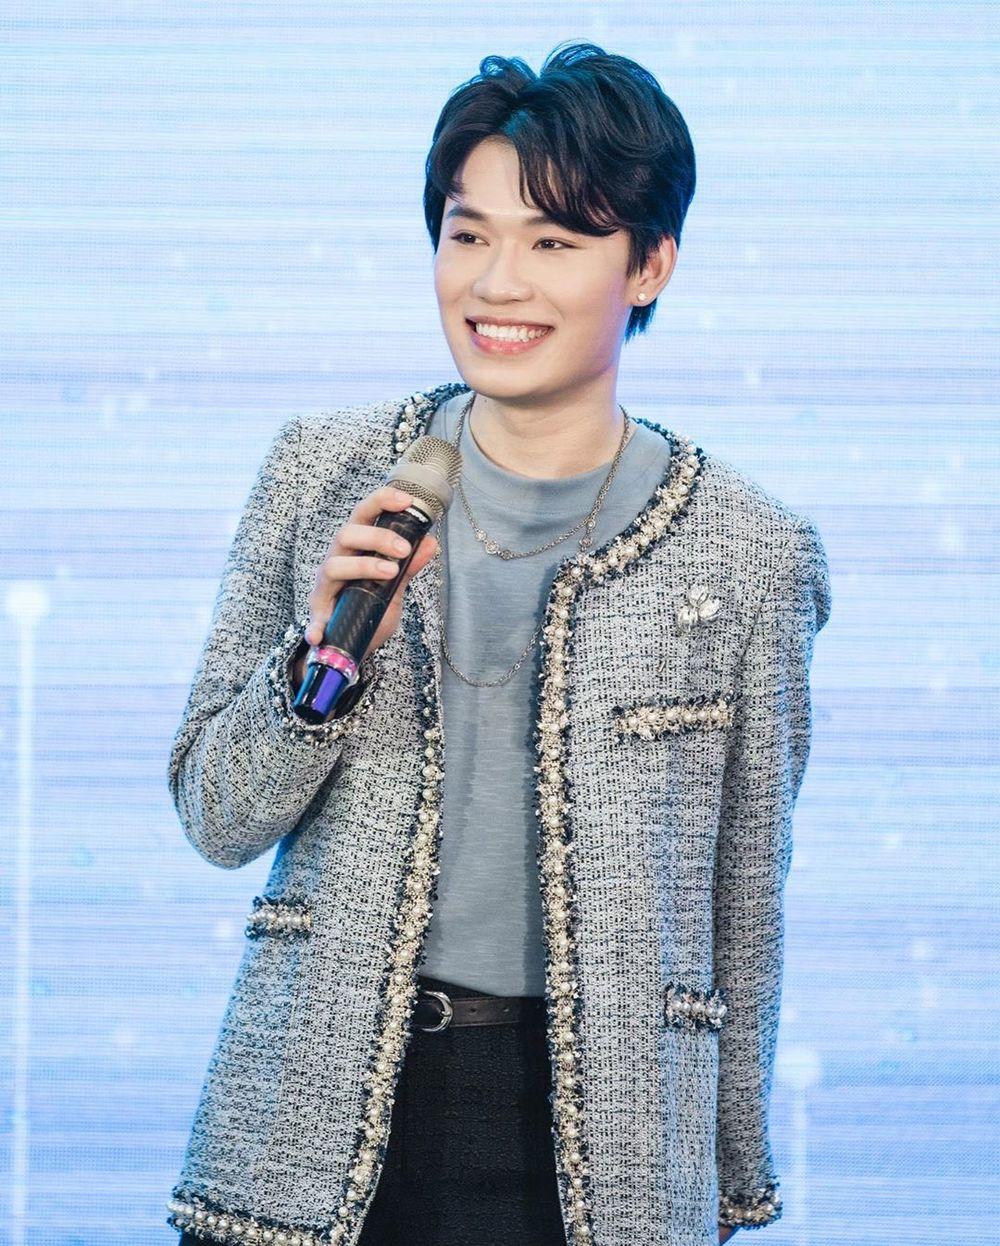 Quang Trung cũng sắm áo vải tweed sang trọng để diện đi sự kiện. Vốn có thân hình mảnh dẻ, khi diện món đồ đặc trưng nữ giới, chàng diễn viên trông càng nhỏ bé.